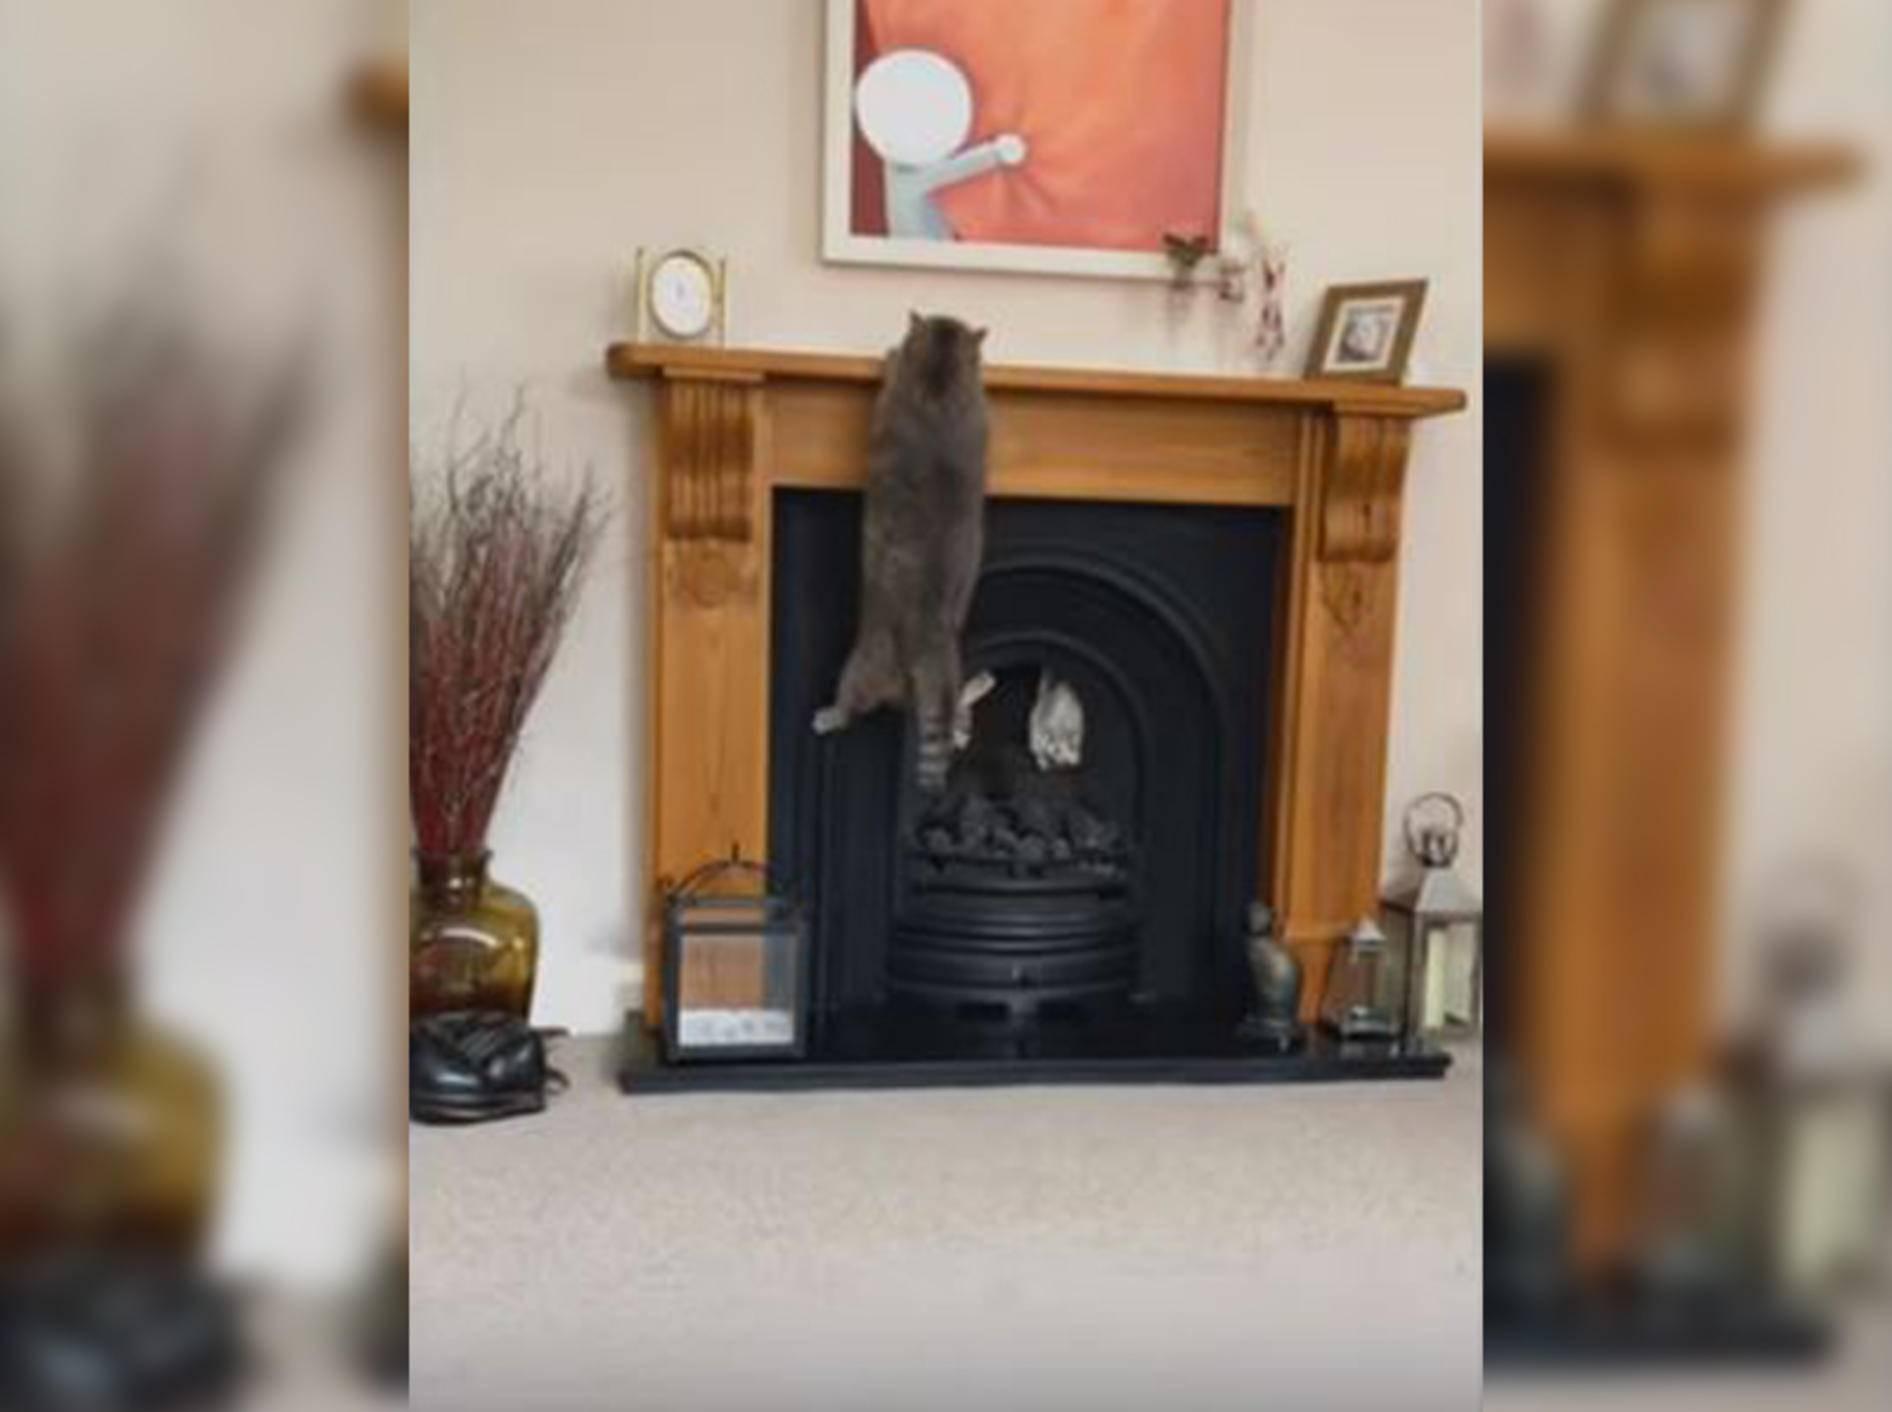 Diese Katze versucht vergeblich, auf den Kaminsims zu klettern - Bild: YouTube / DailyPicksandFlicks